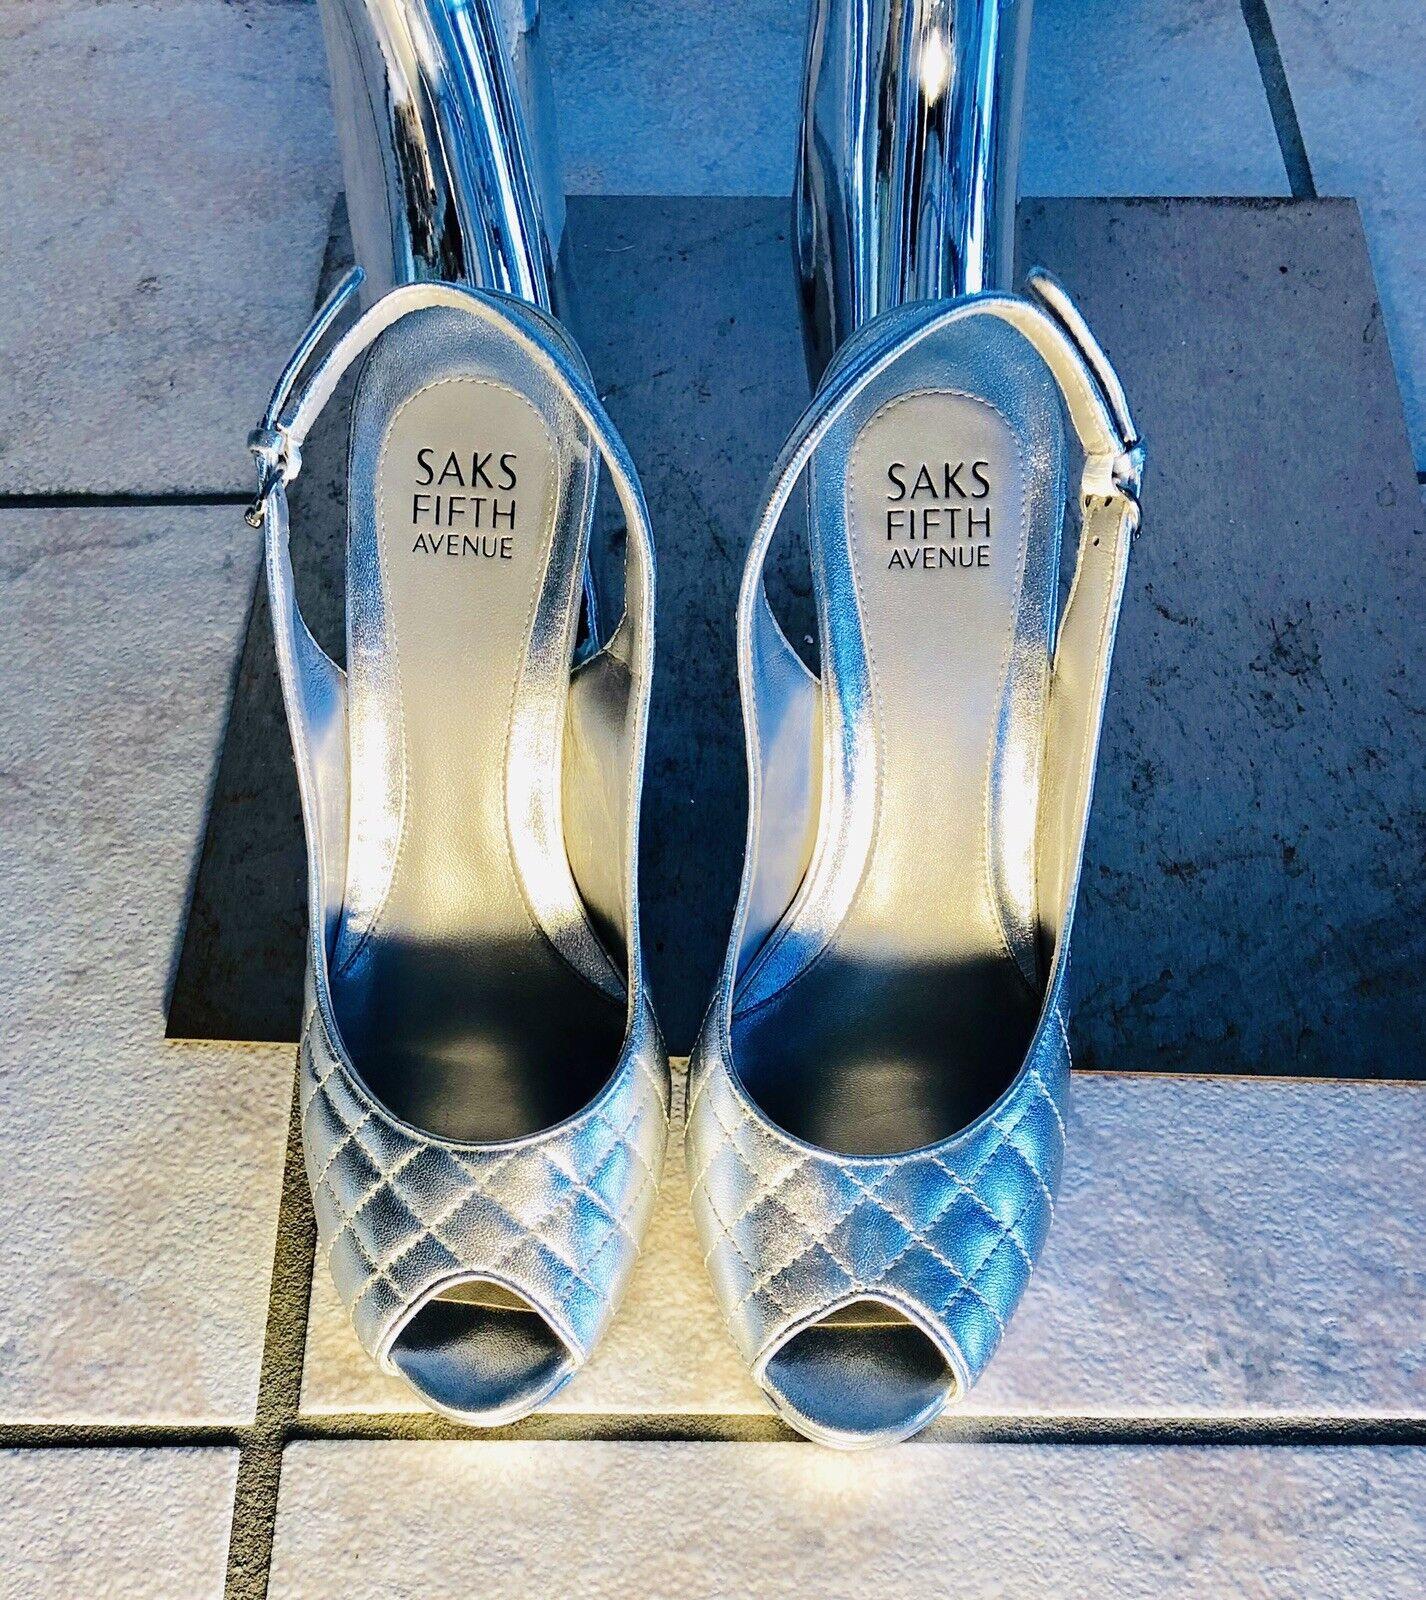 Saks Fifth Avenue Acolchado De Plata De Cuero Cuero Cuero Zapatos De Plataforma  venta mundialmente famosa en línea